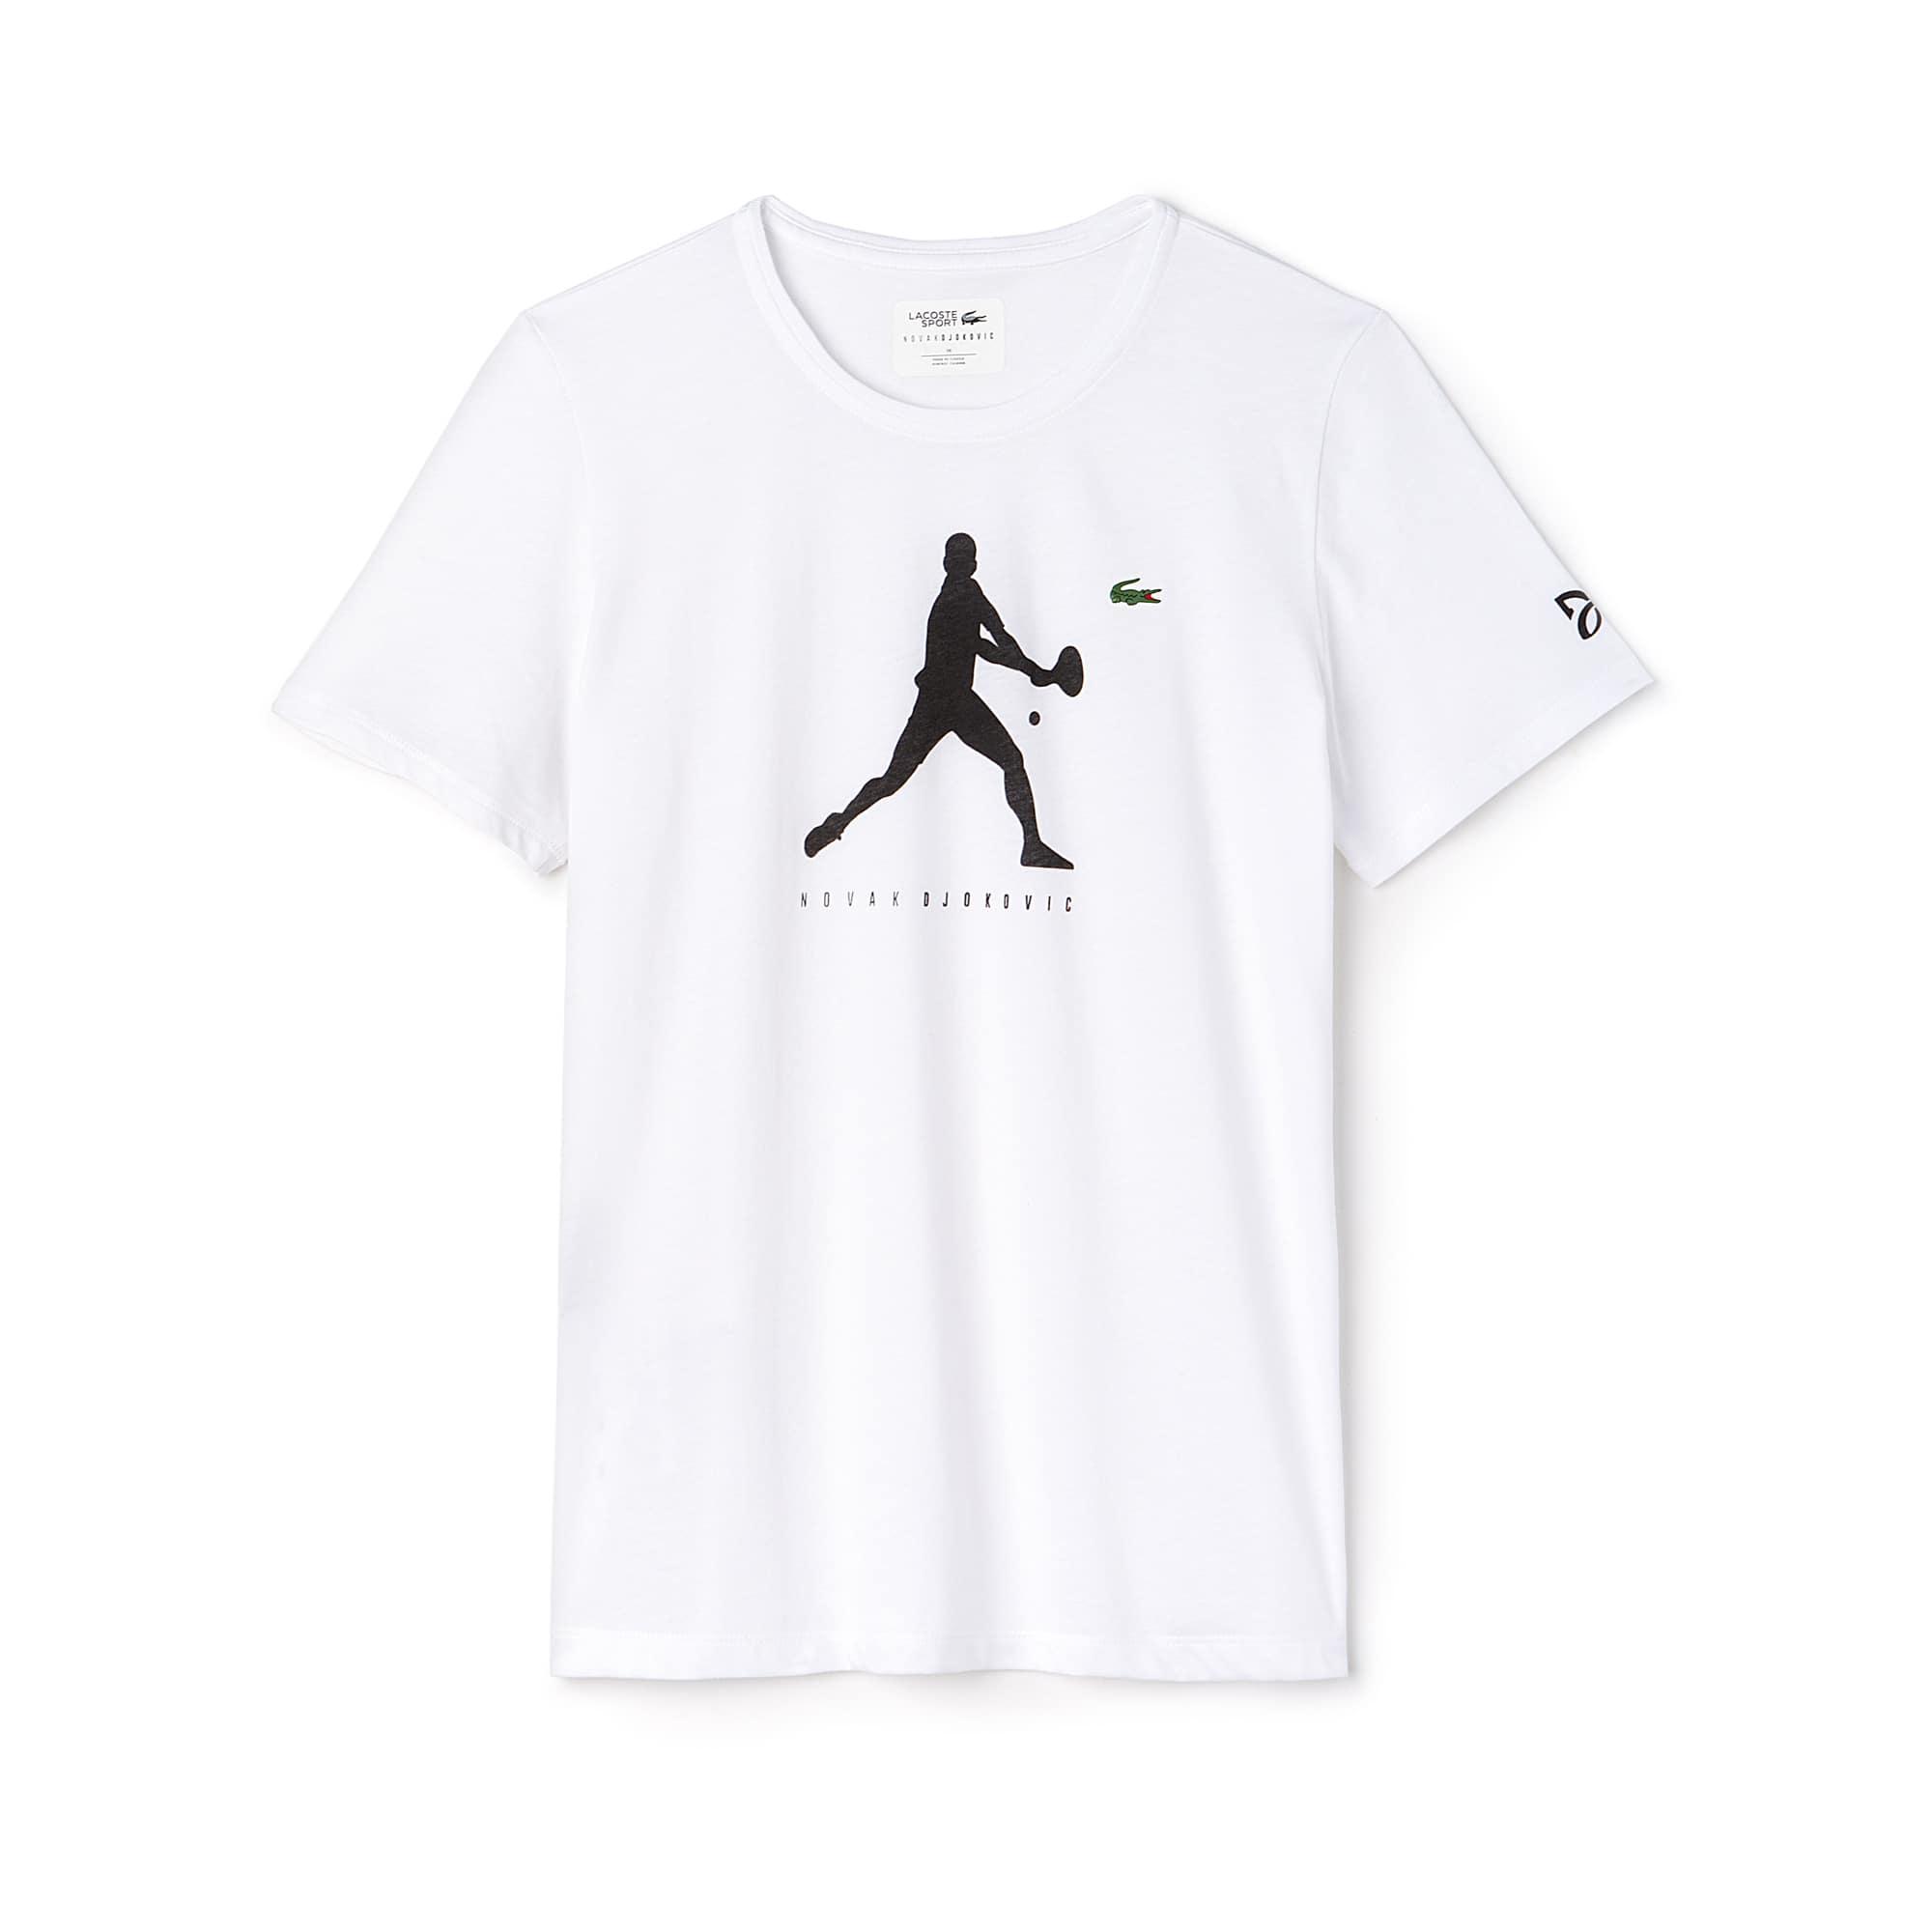 T-shirt decote redondo Lacoste SPORT COLEÇÃO NOVAK DJOKOVIC SUPPORT WITH STYLE em jersey unicolor com impressão